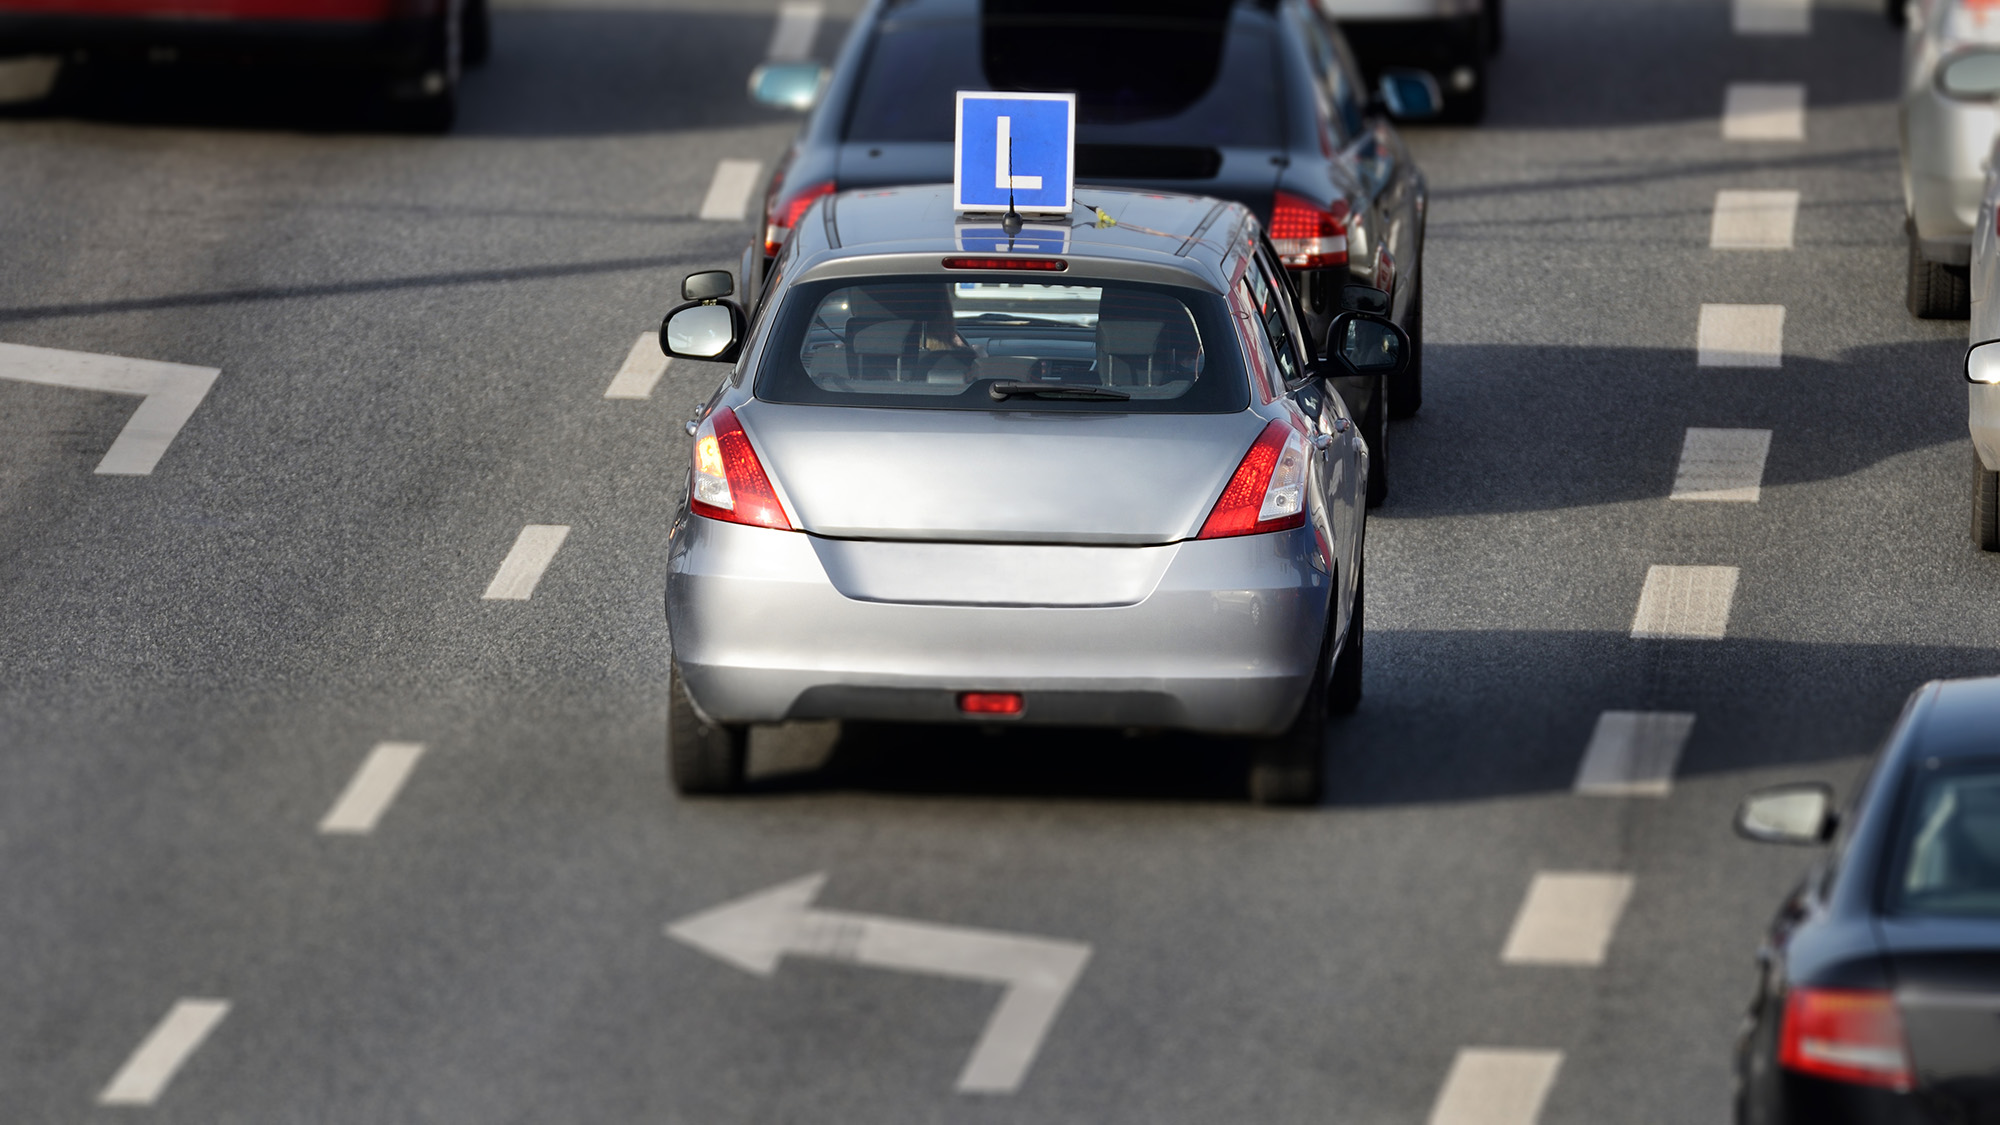 Najlepsza szkoła nauki jazdy w powiecie krotoszyńskim [WYNIKI RANKINGU] - Zdjęcie główne